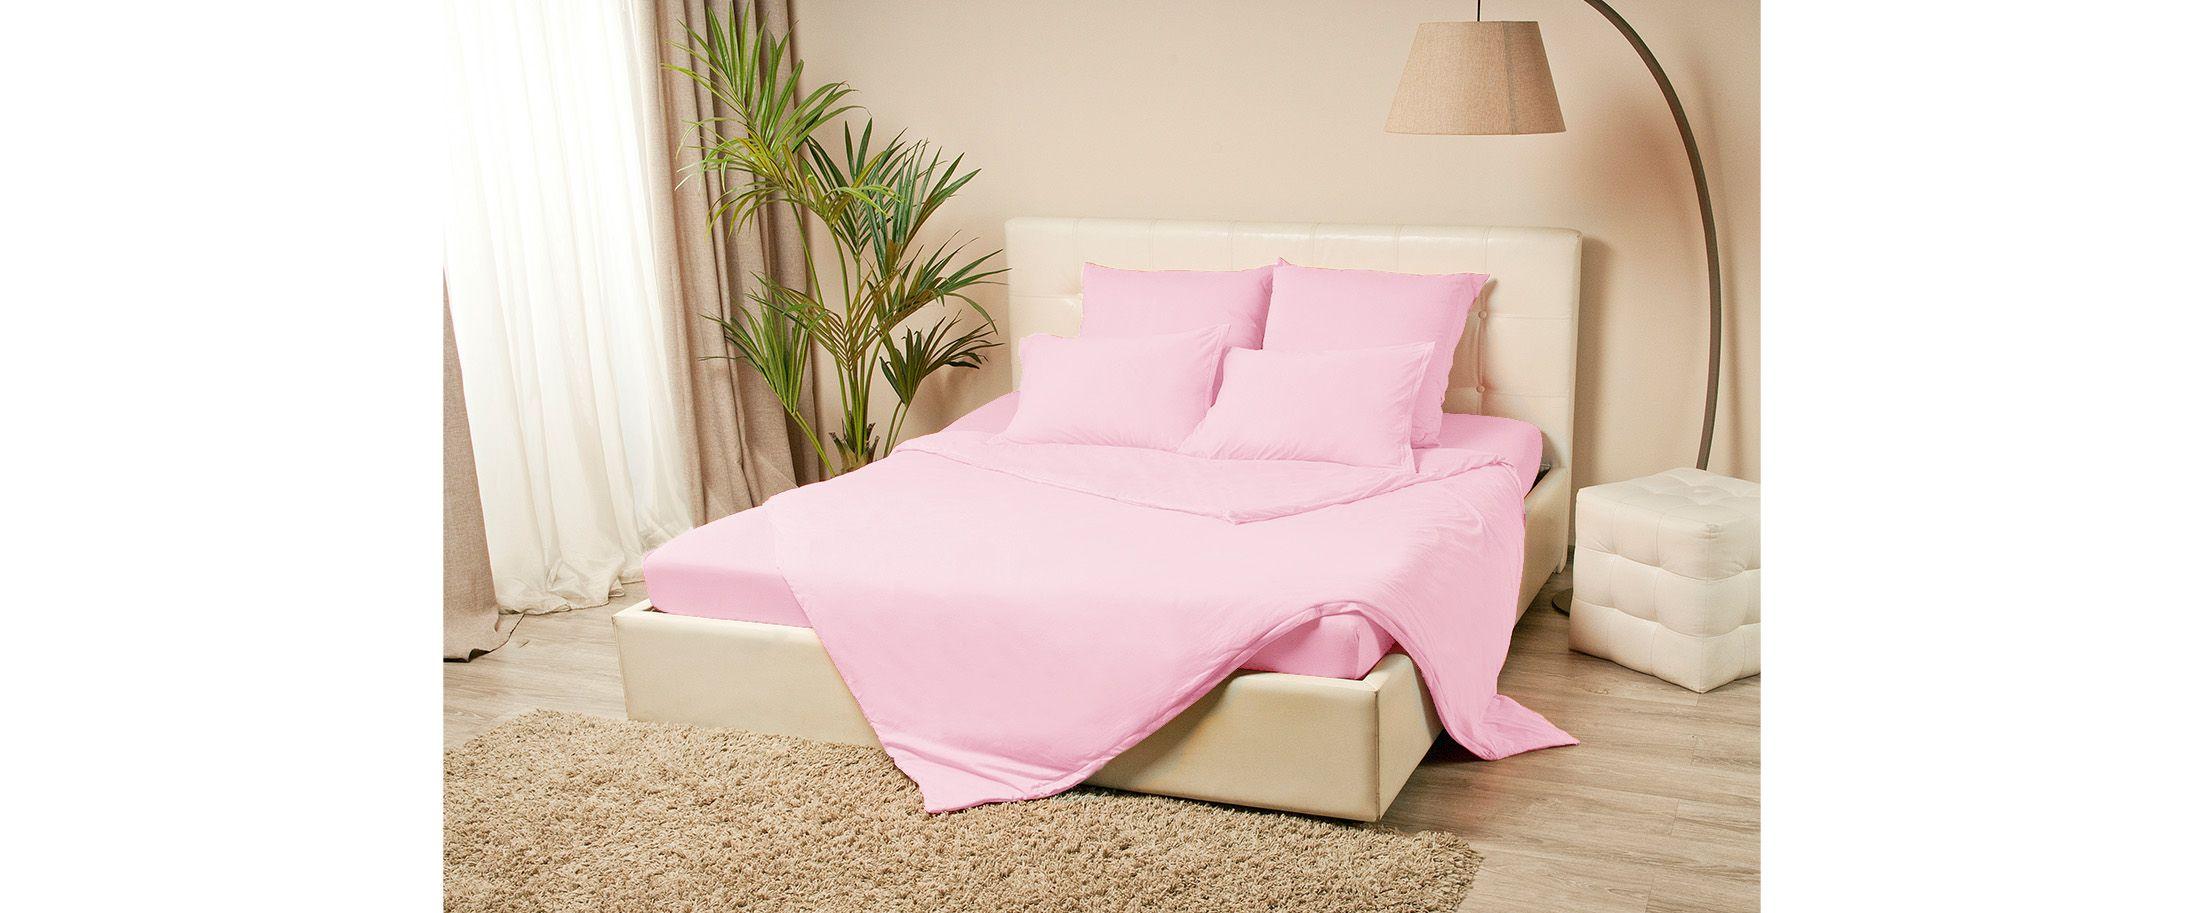 Простыня трикотажная на резинке 200х200 розового цвета Violett Модель 4000